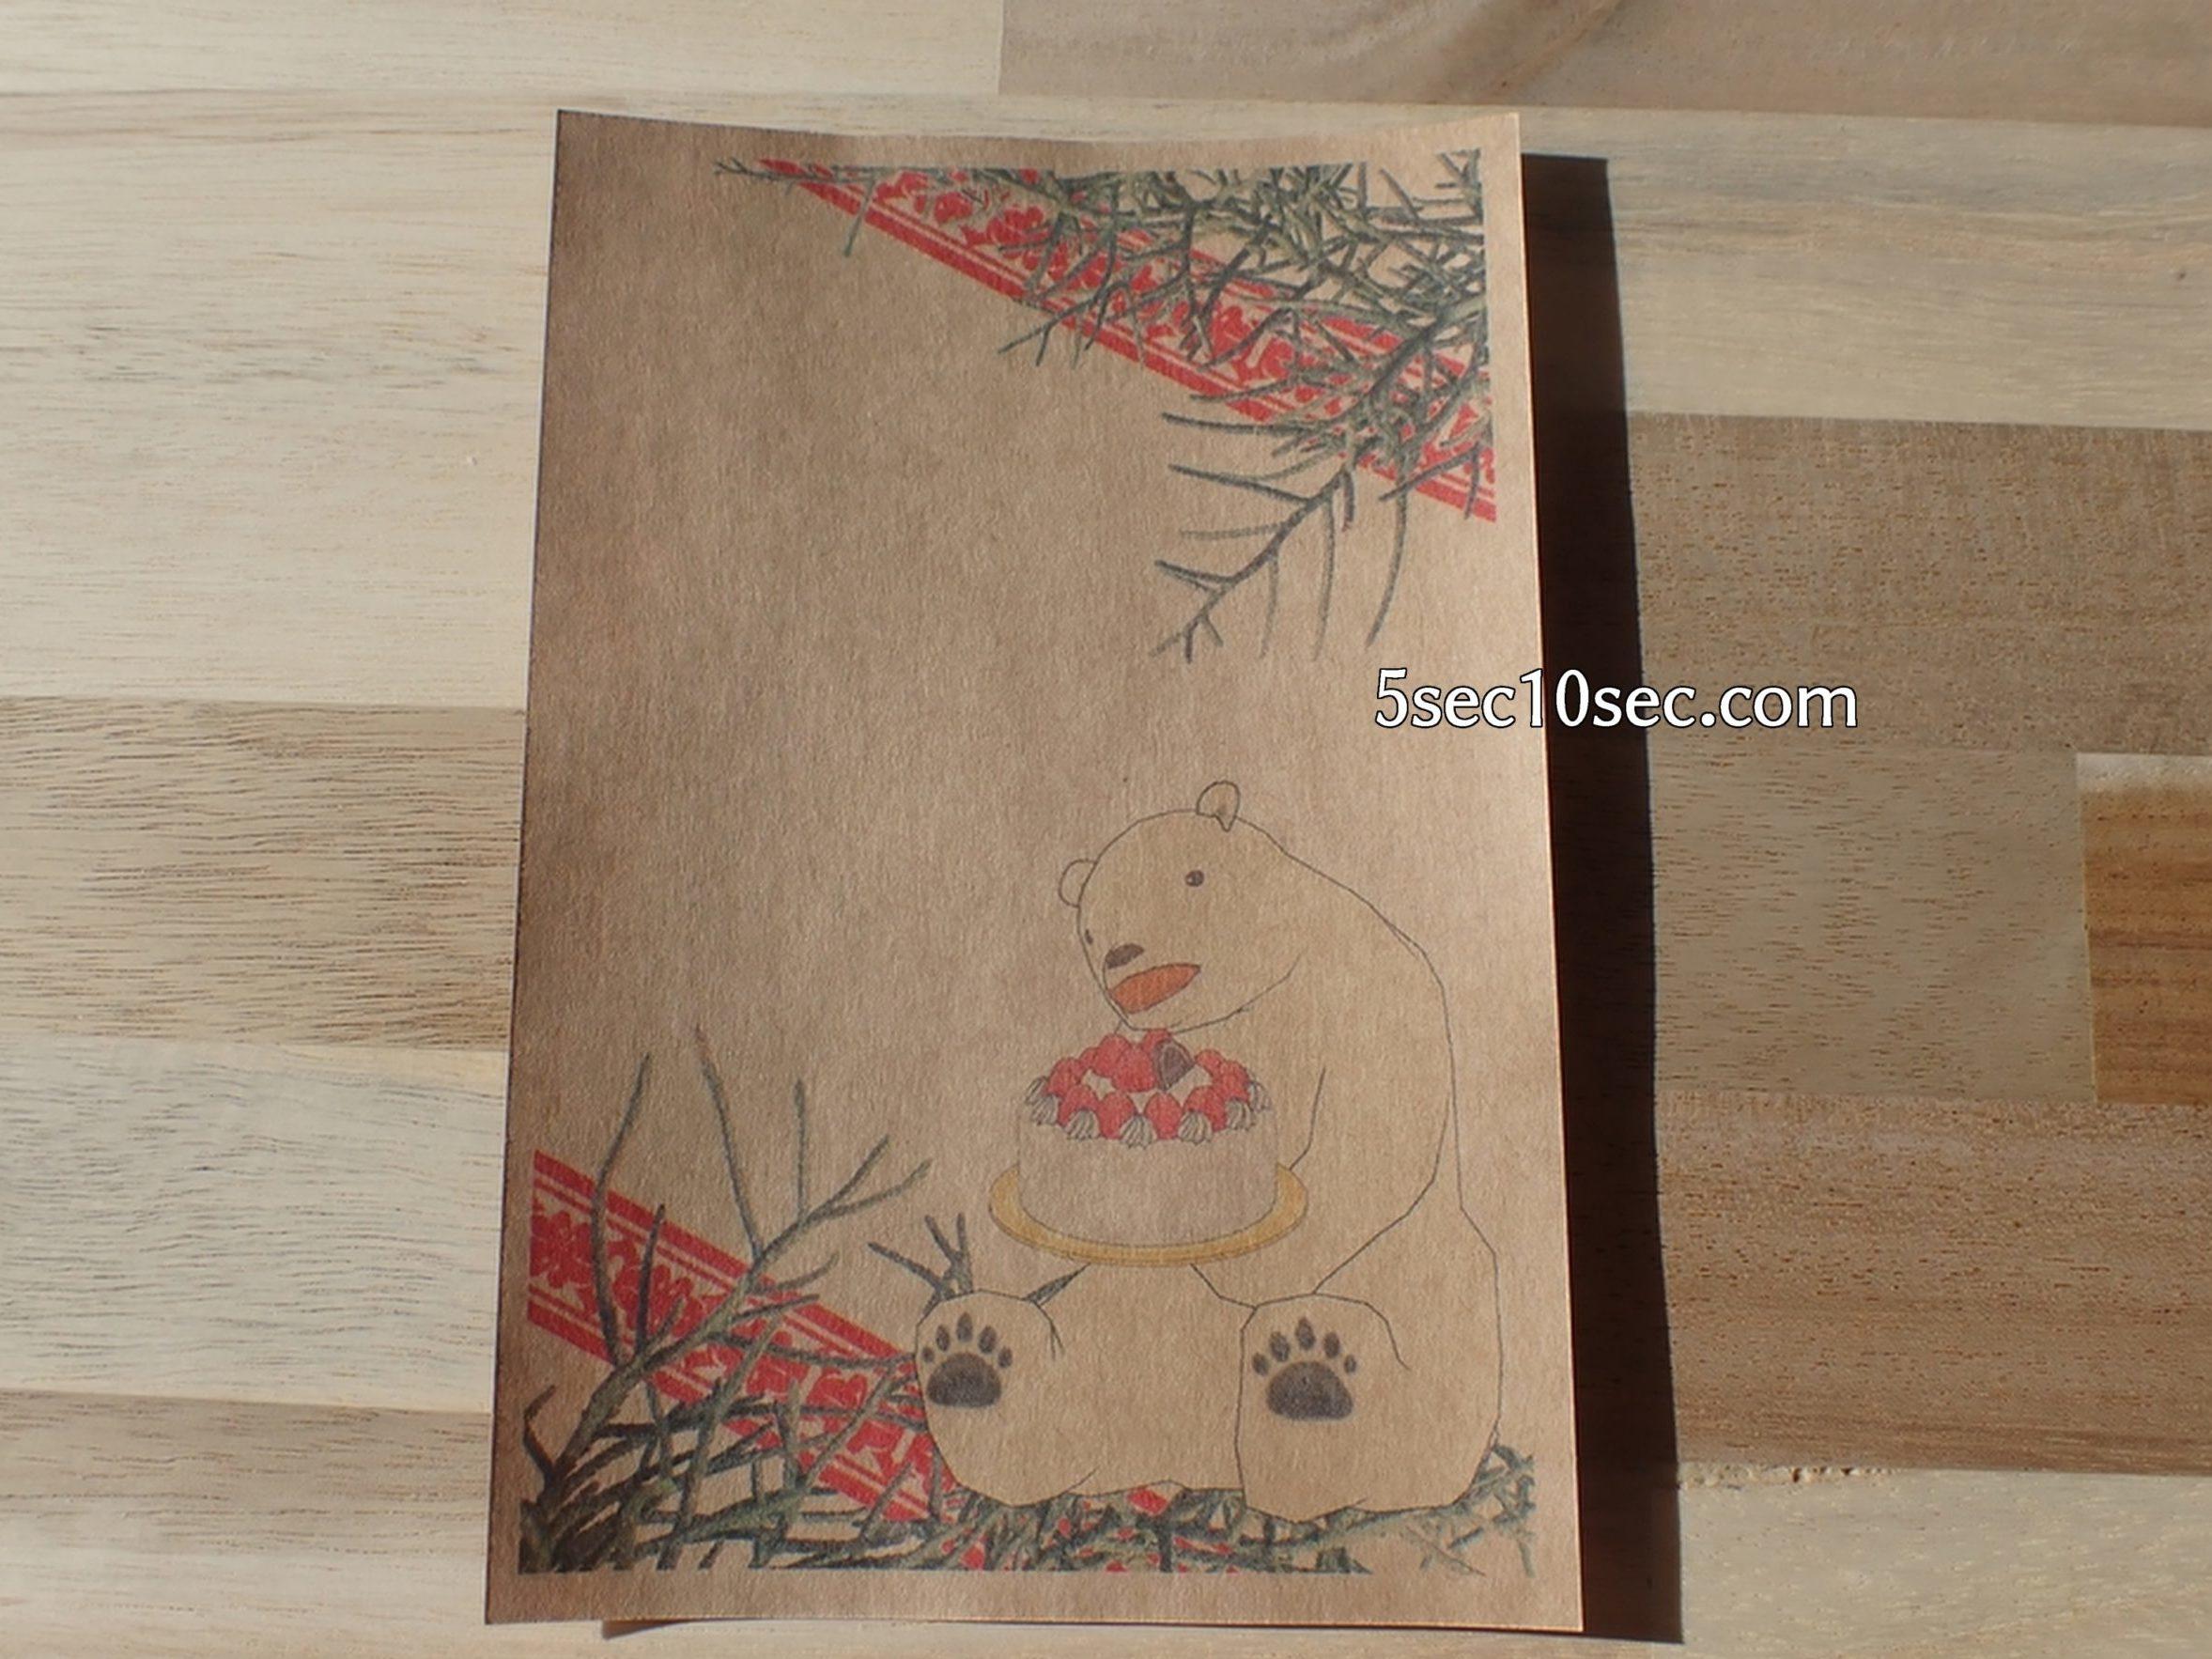 株式会社Crunch Style お花の定期便 Bloomee LIFE ブルーミーライフ レギュラープラン 手作りクリスマスカード、緑の部分がブルーアイスの写真です